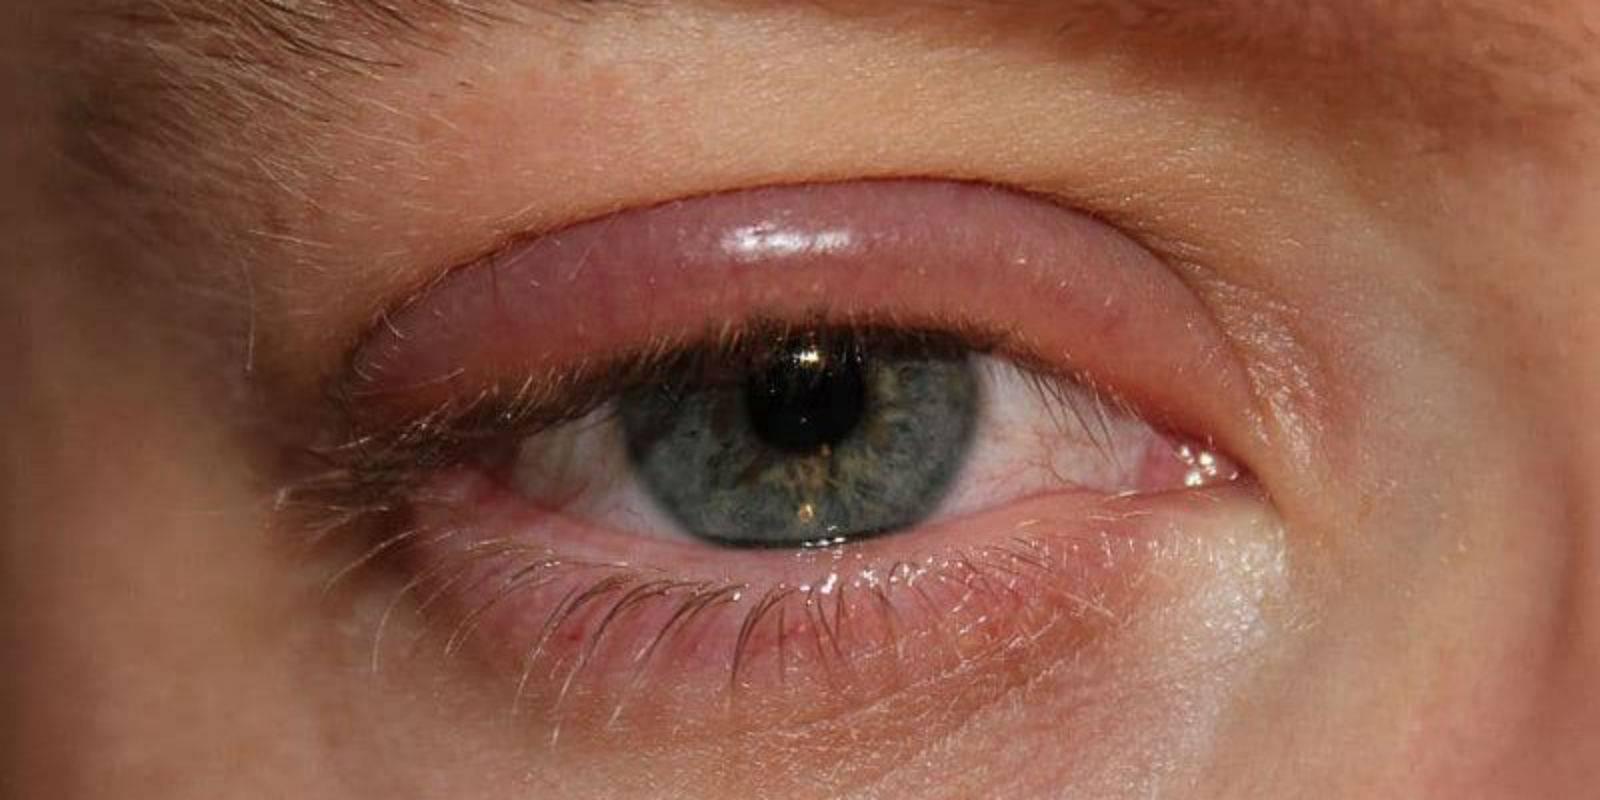 Опухло верхнее веко над глаза, что делать и как лечить